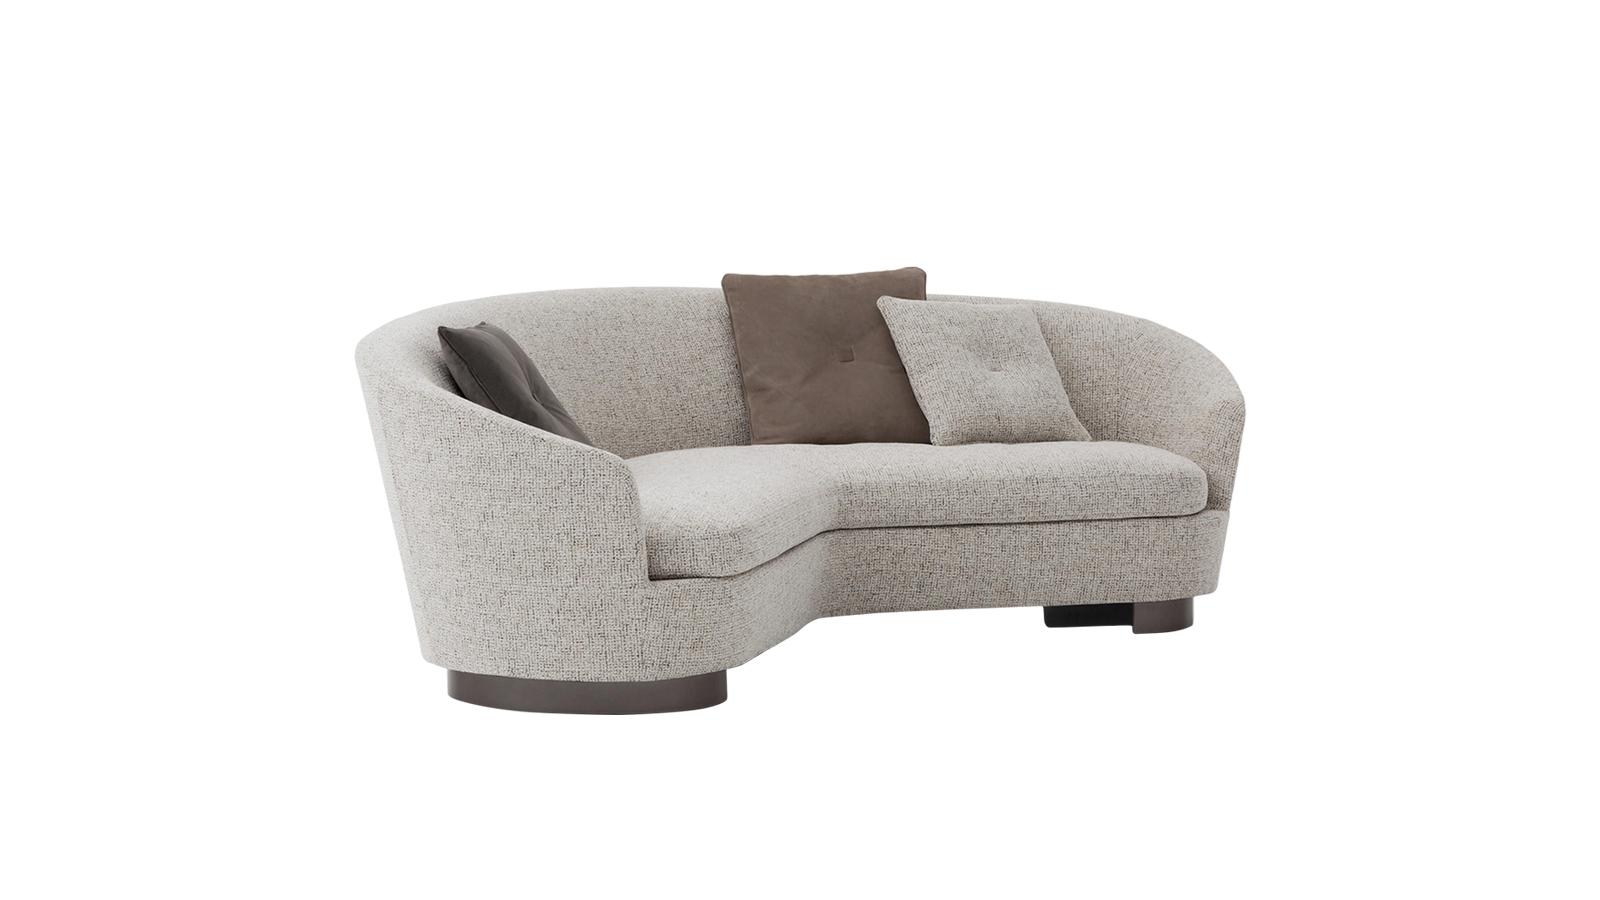 A Jacques ülőgarnitúra a retro formavilágot ülteti át a mába, és profeszionális módon keveri azt a kortárs ízléssel. A kifinomult esztétika többek között a lágy formákban és az olyan megkapó vizuális megoldásokban mutatkozik meg, mint a bronz lábak.